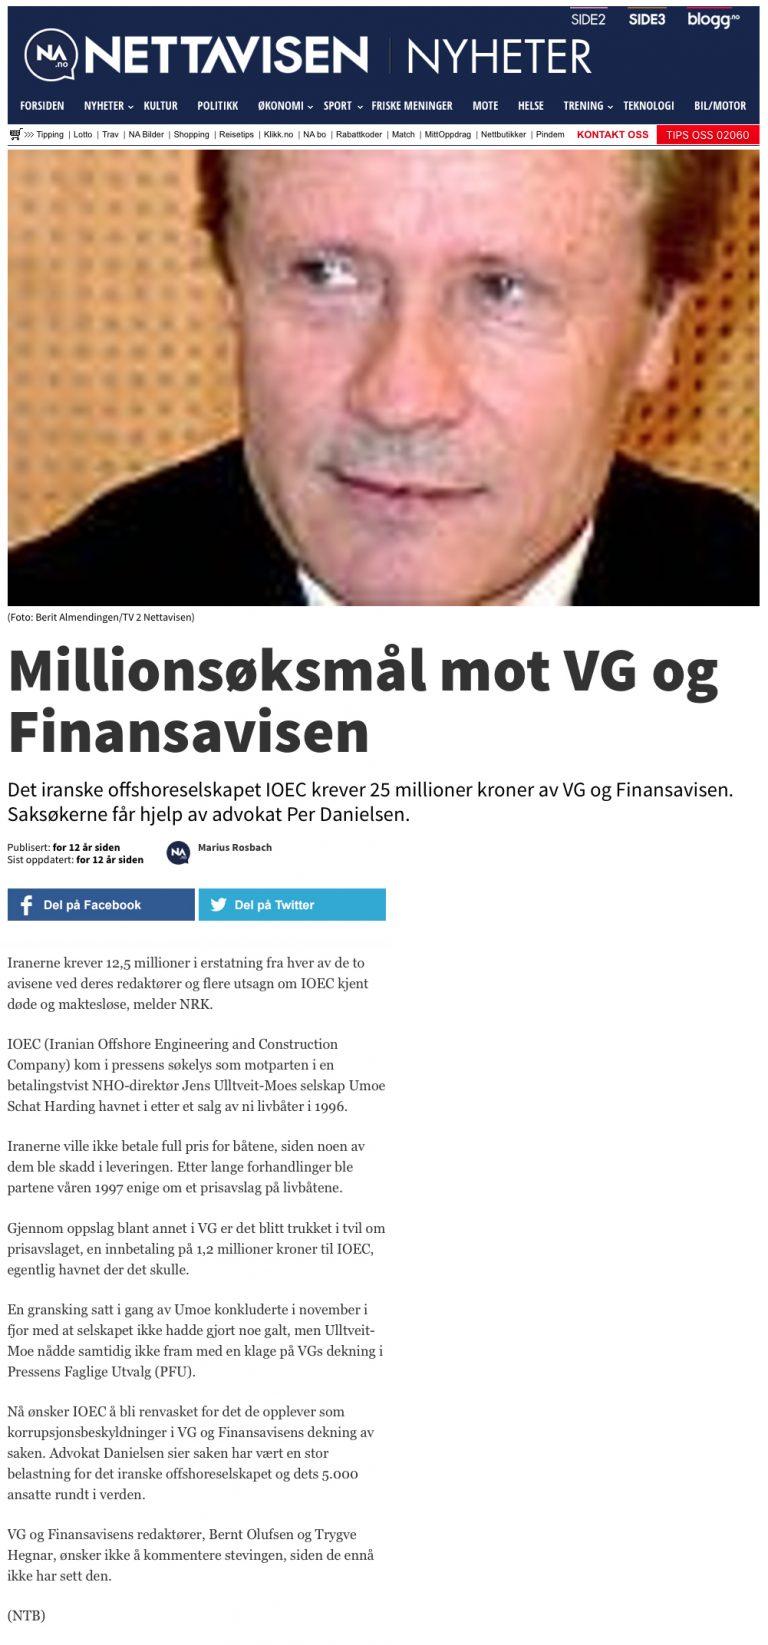 Ærekrenkelse Millionsøksmål mot Hegnar. Advokat Danielsen & Co. Per Danielsen. Advokat i Oslo.